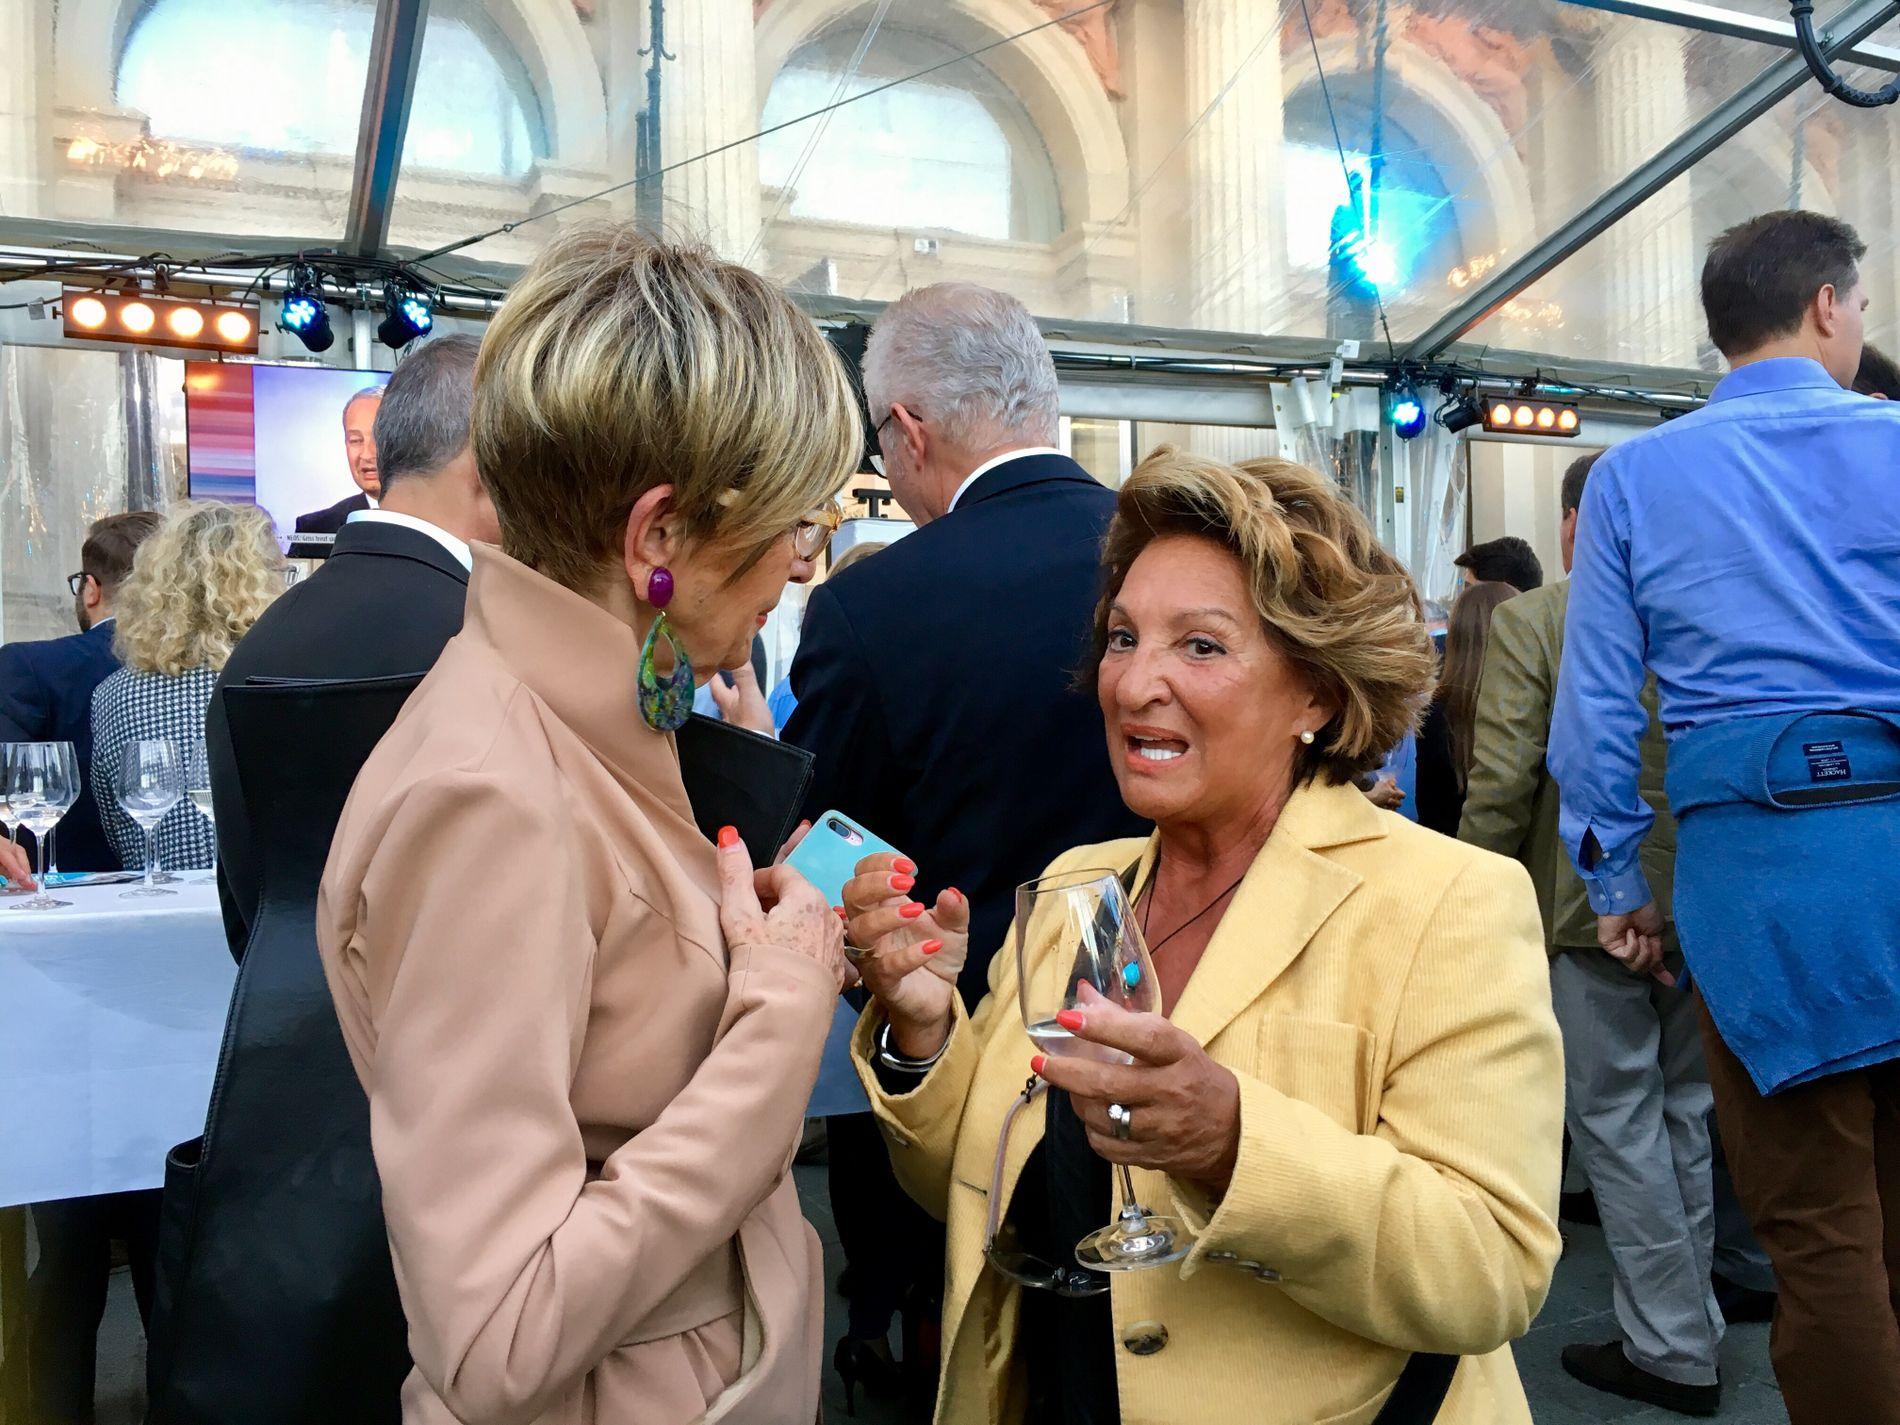 ÅPNER FOR FRIHETSPARTIET: Jadranka Godjevac-Mitovic og Ingrid Korosec har pyntet seg for valgvaken til ÖVP i Wien.